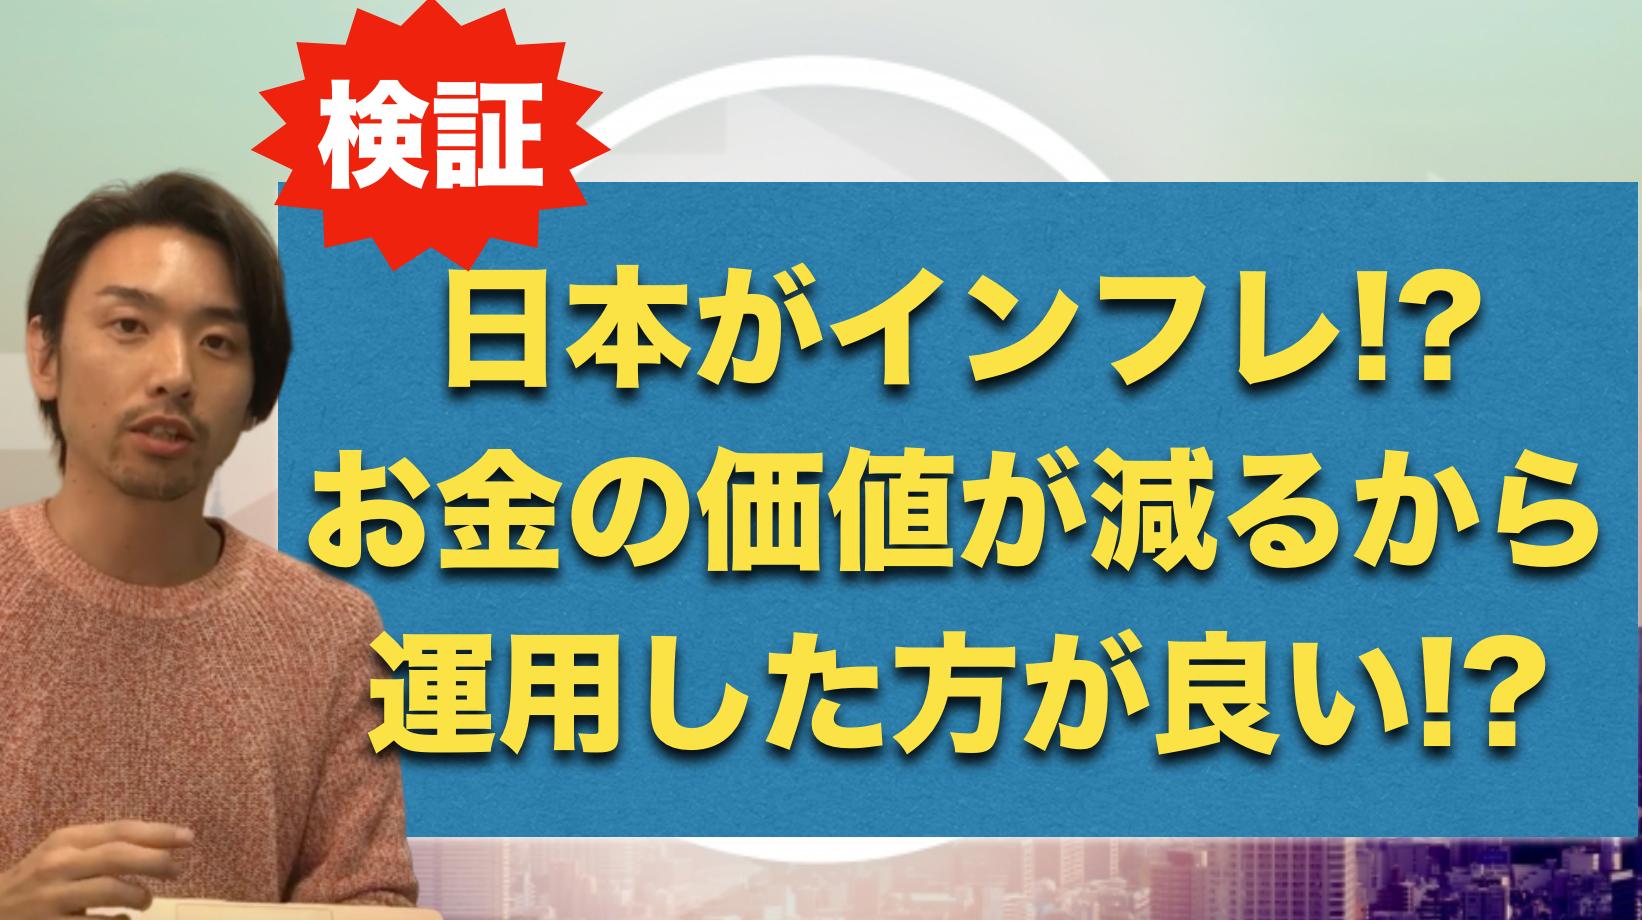 【検証】日本は1999年以降デフレが続いていた! 〜インフレにならない理由〜